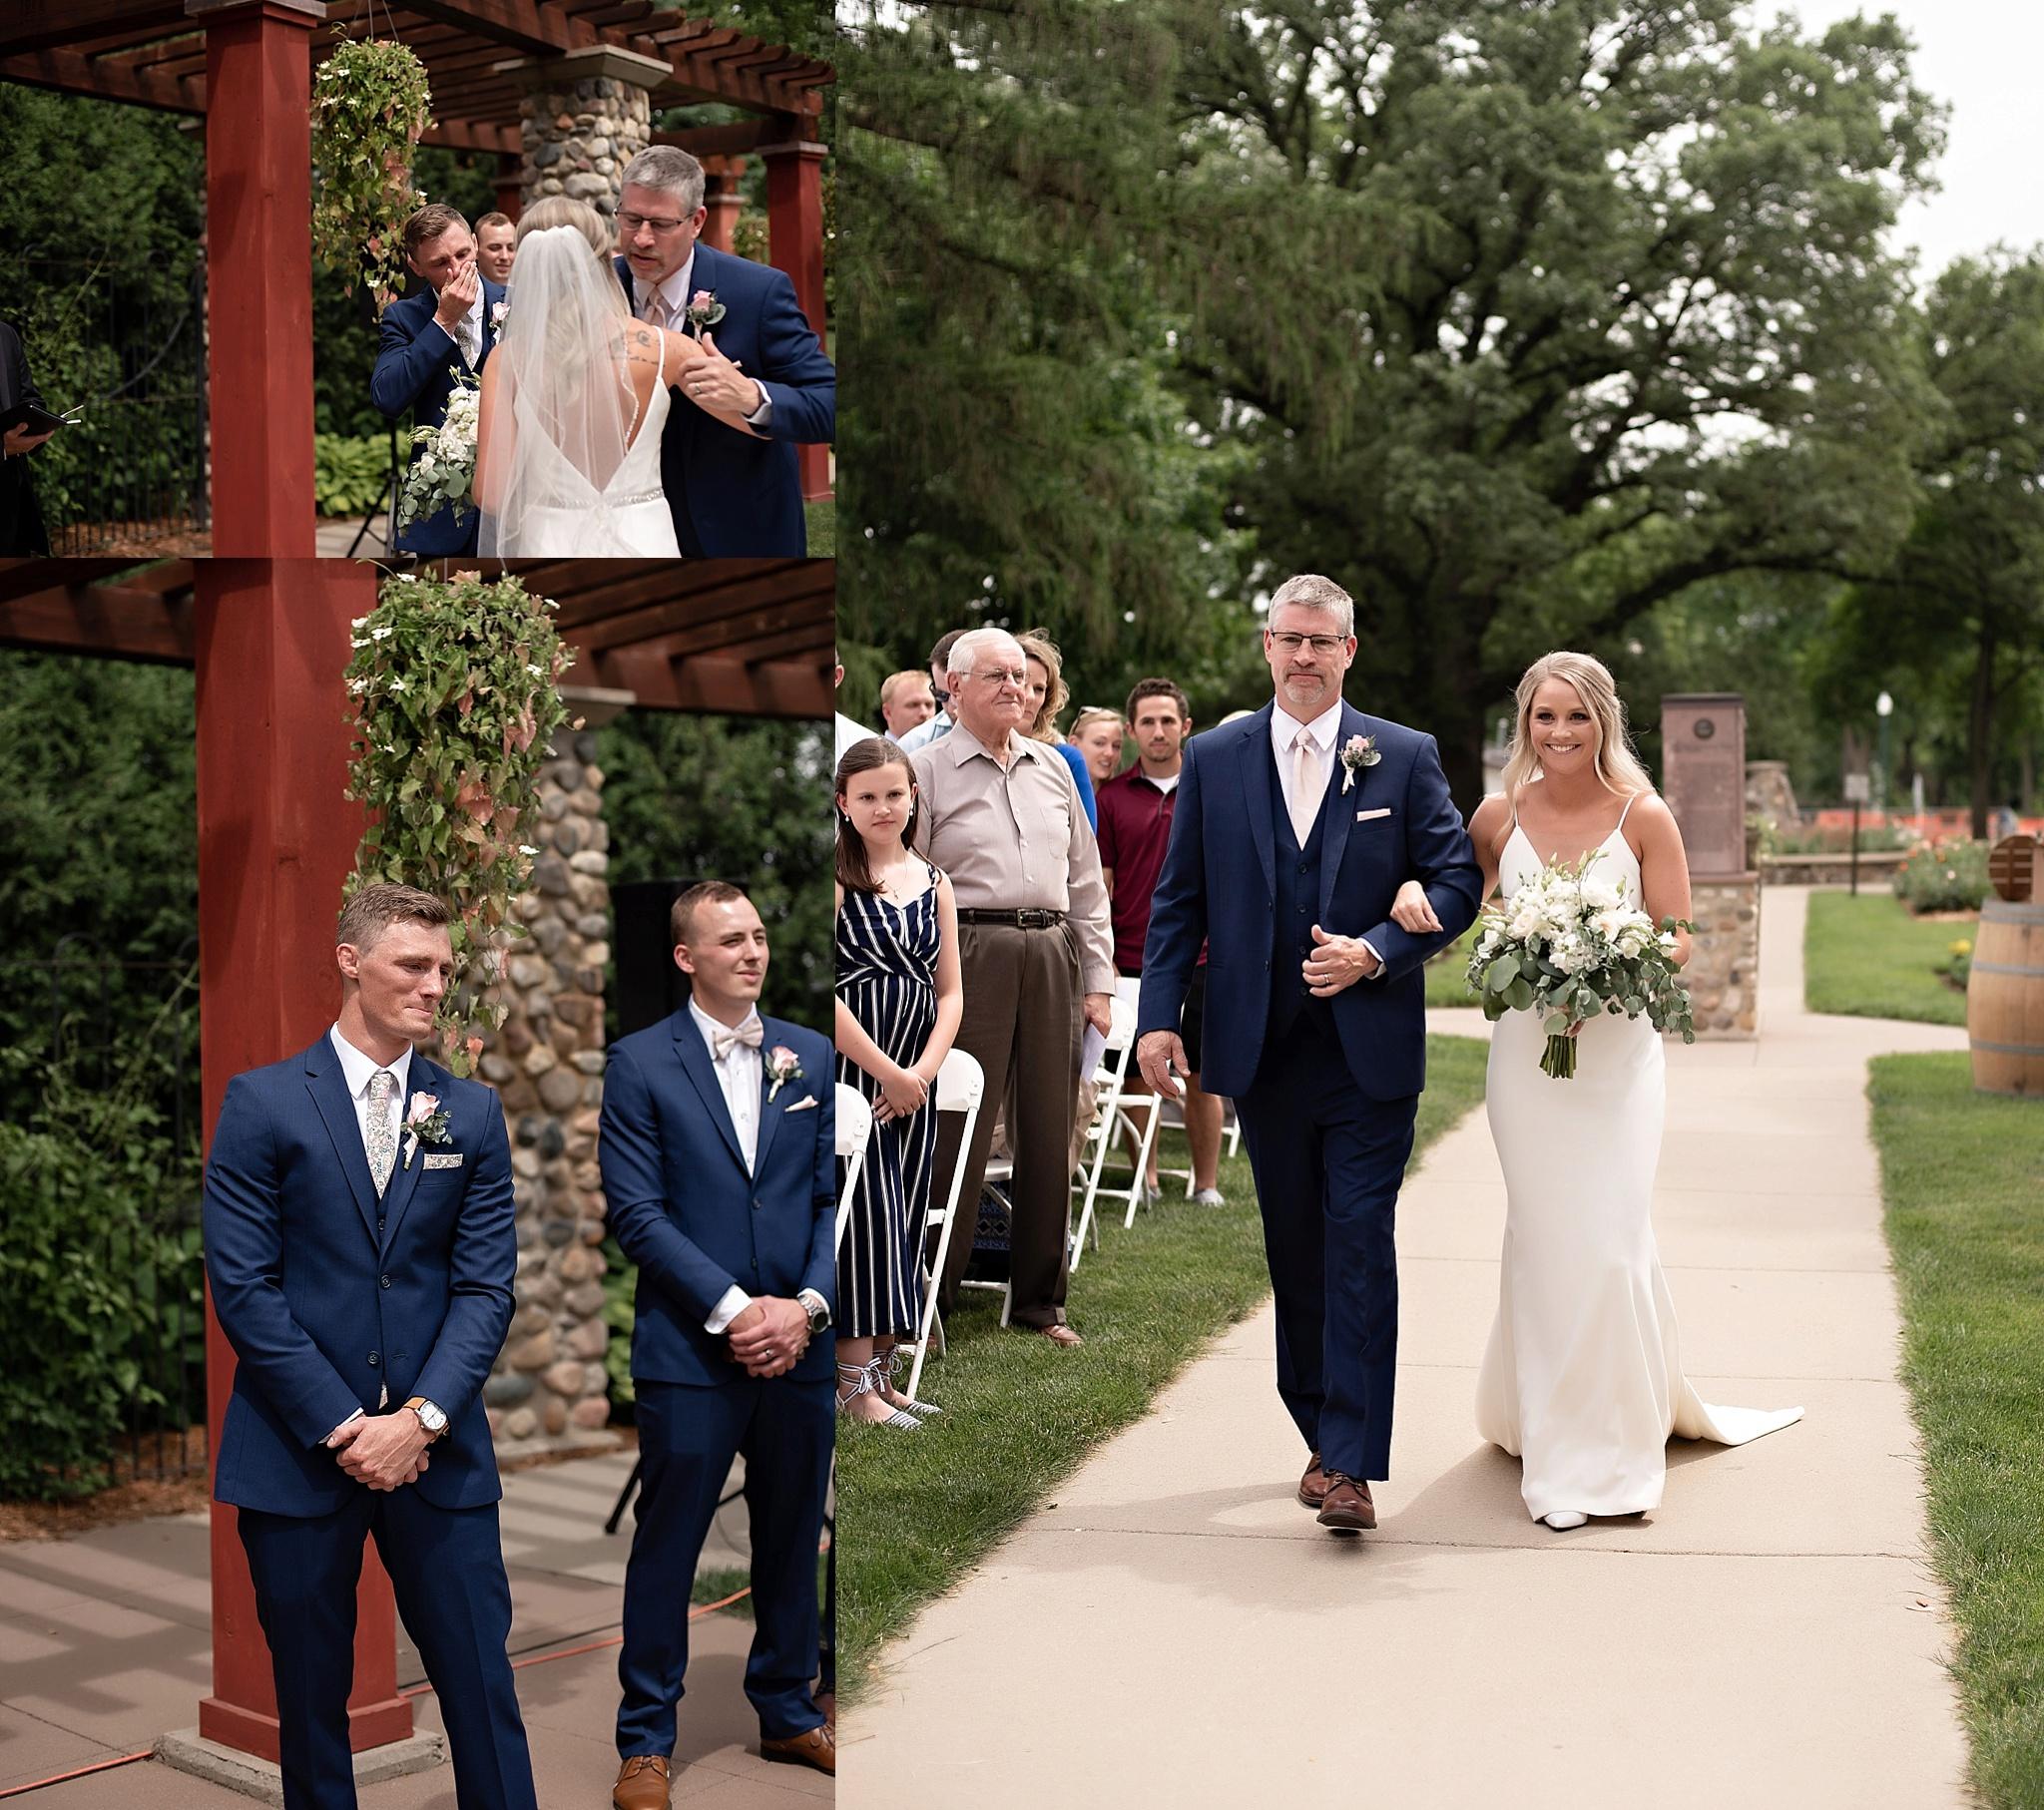 bride walks down the aisle garden park wedding sioux falls sd